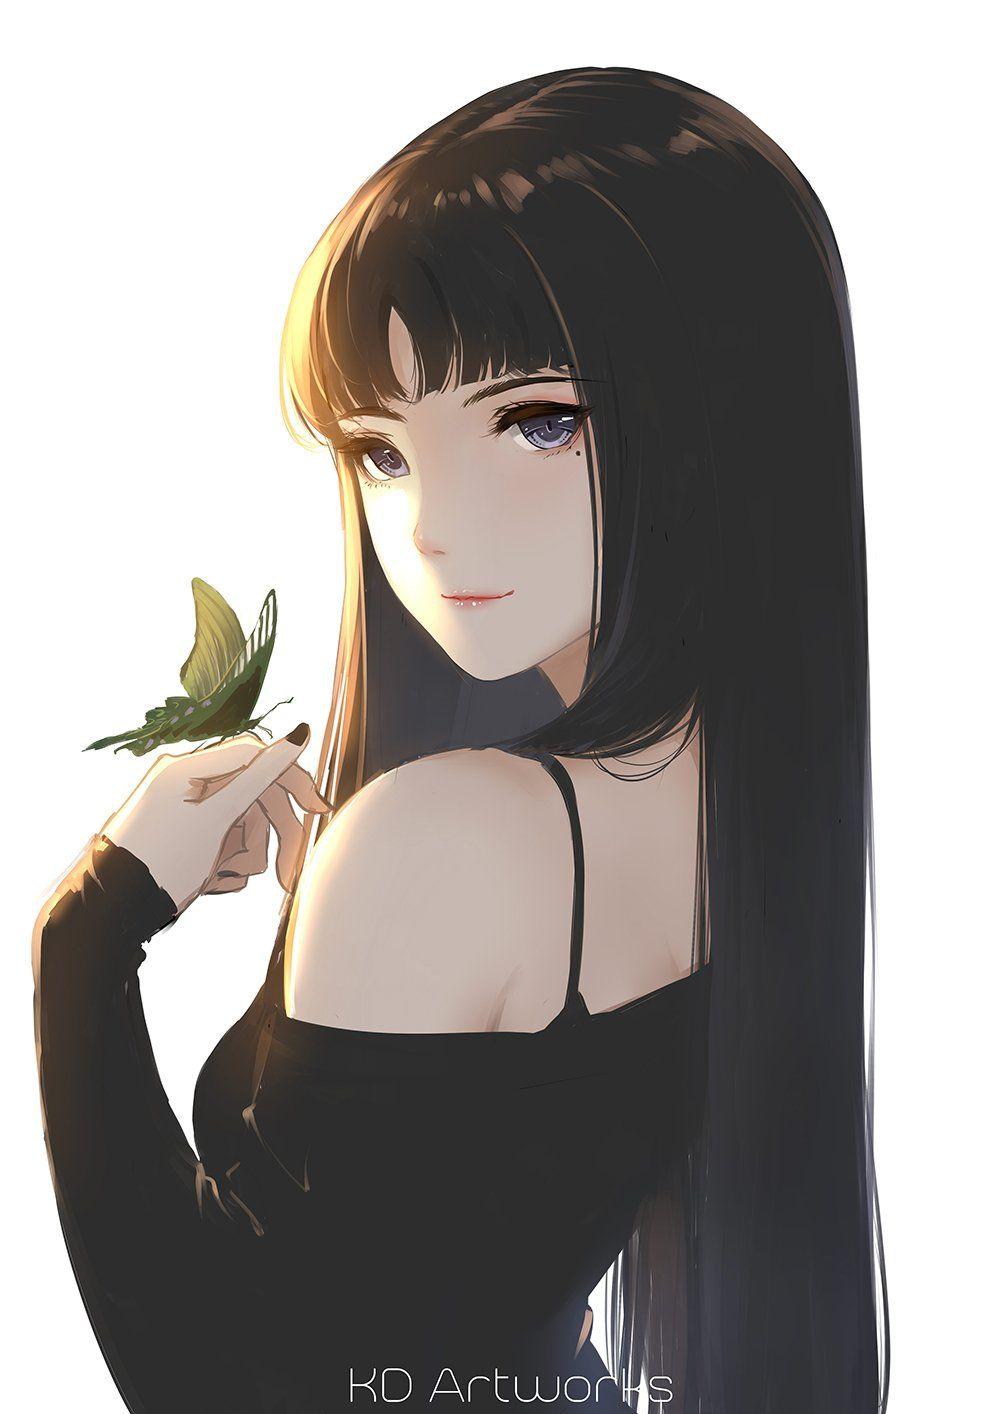 Pin oleh Willkim di Manga  Gambar anime, Seni anime, Gadis animasi